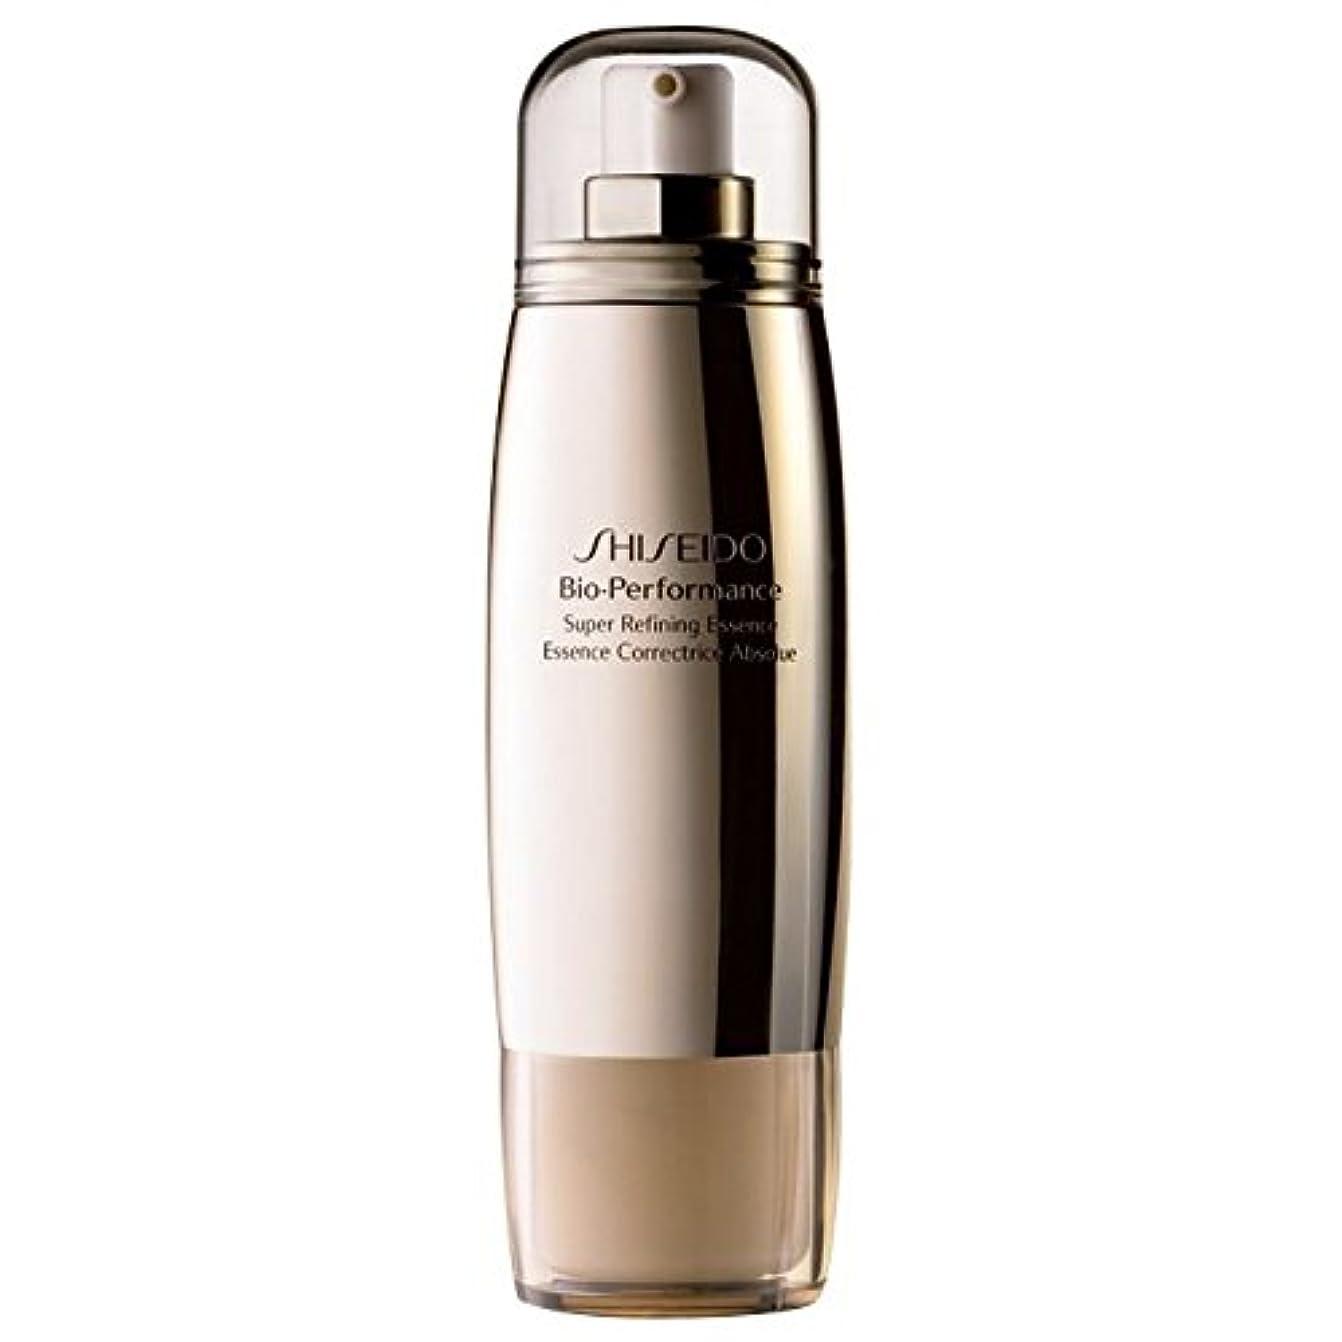 恥ずかしさまた受け皿[Shiseido] 資生堂バイオパフォーマンススーパーリファイニングエッセンスの50ミリリットル - Shiseido Bio-Performance Super Refining Essence 50ml [並行輸入品]